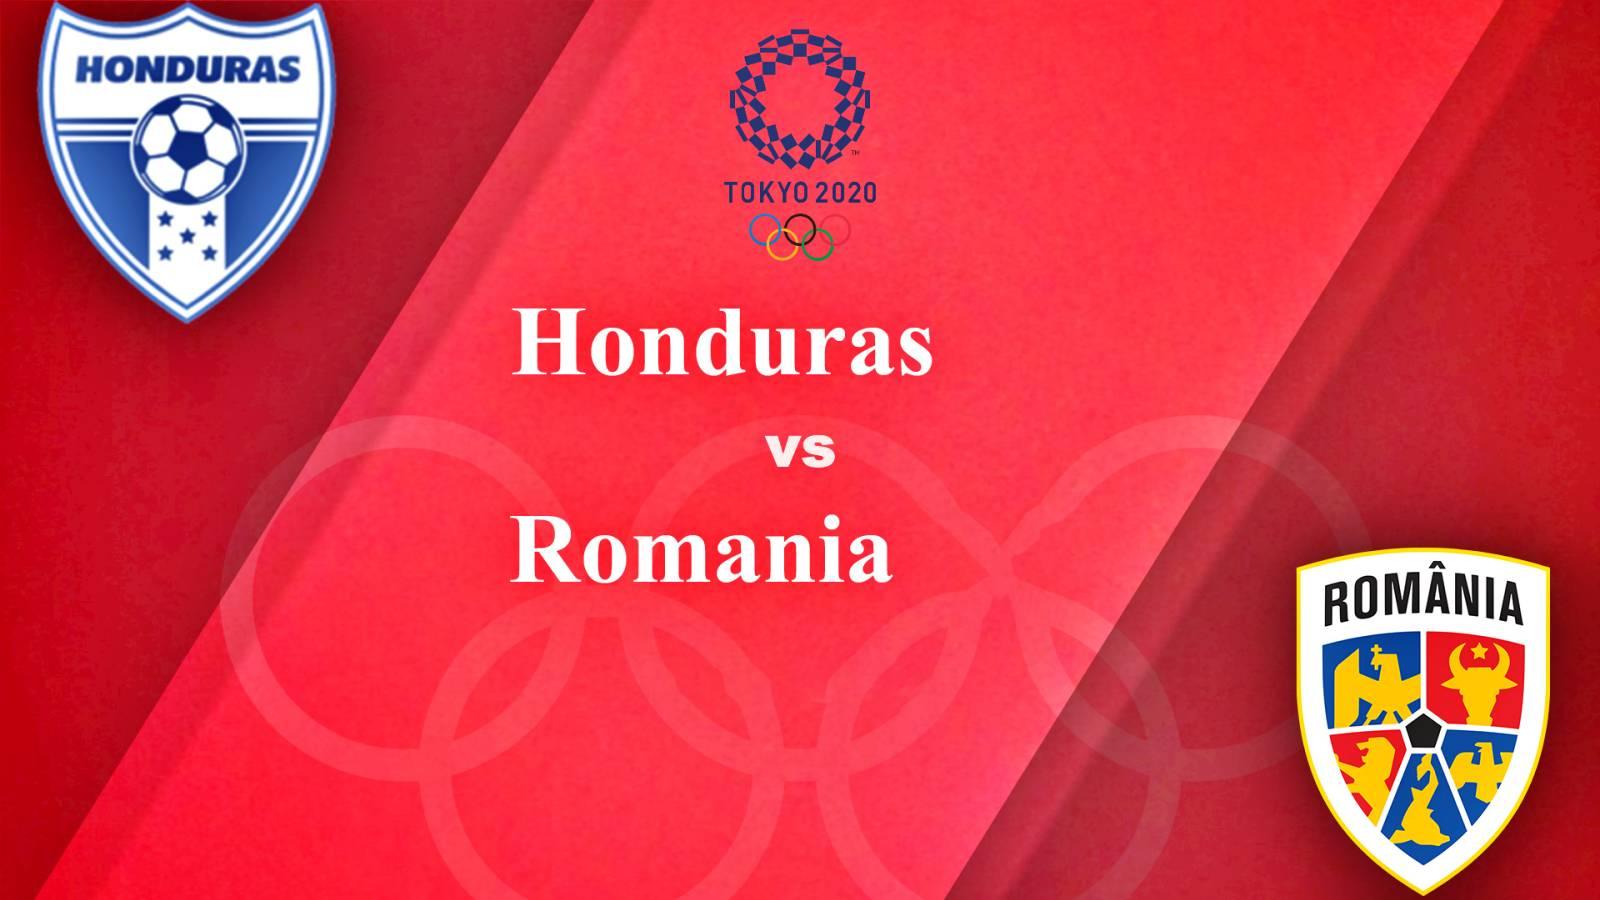 HONDURAS - ROMANIA TVR 1 LIVE JOCURILE OLIMPICE